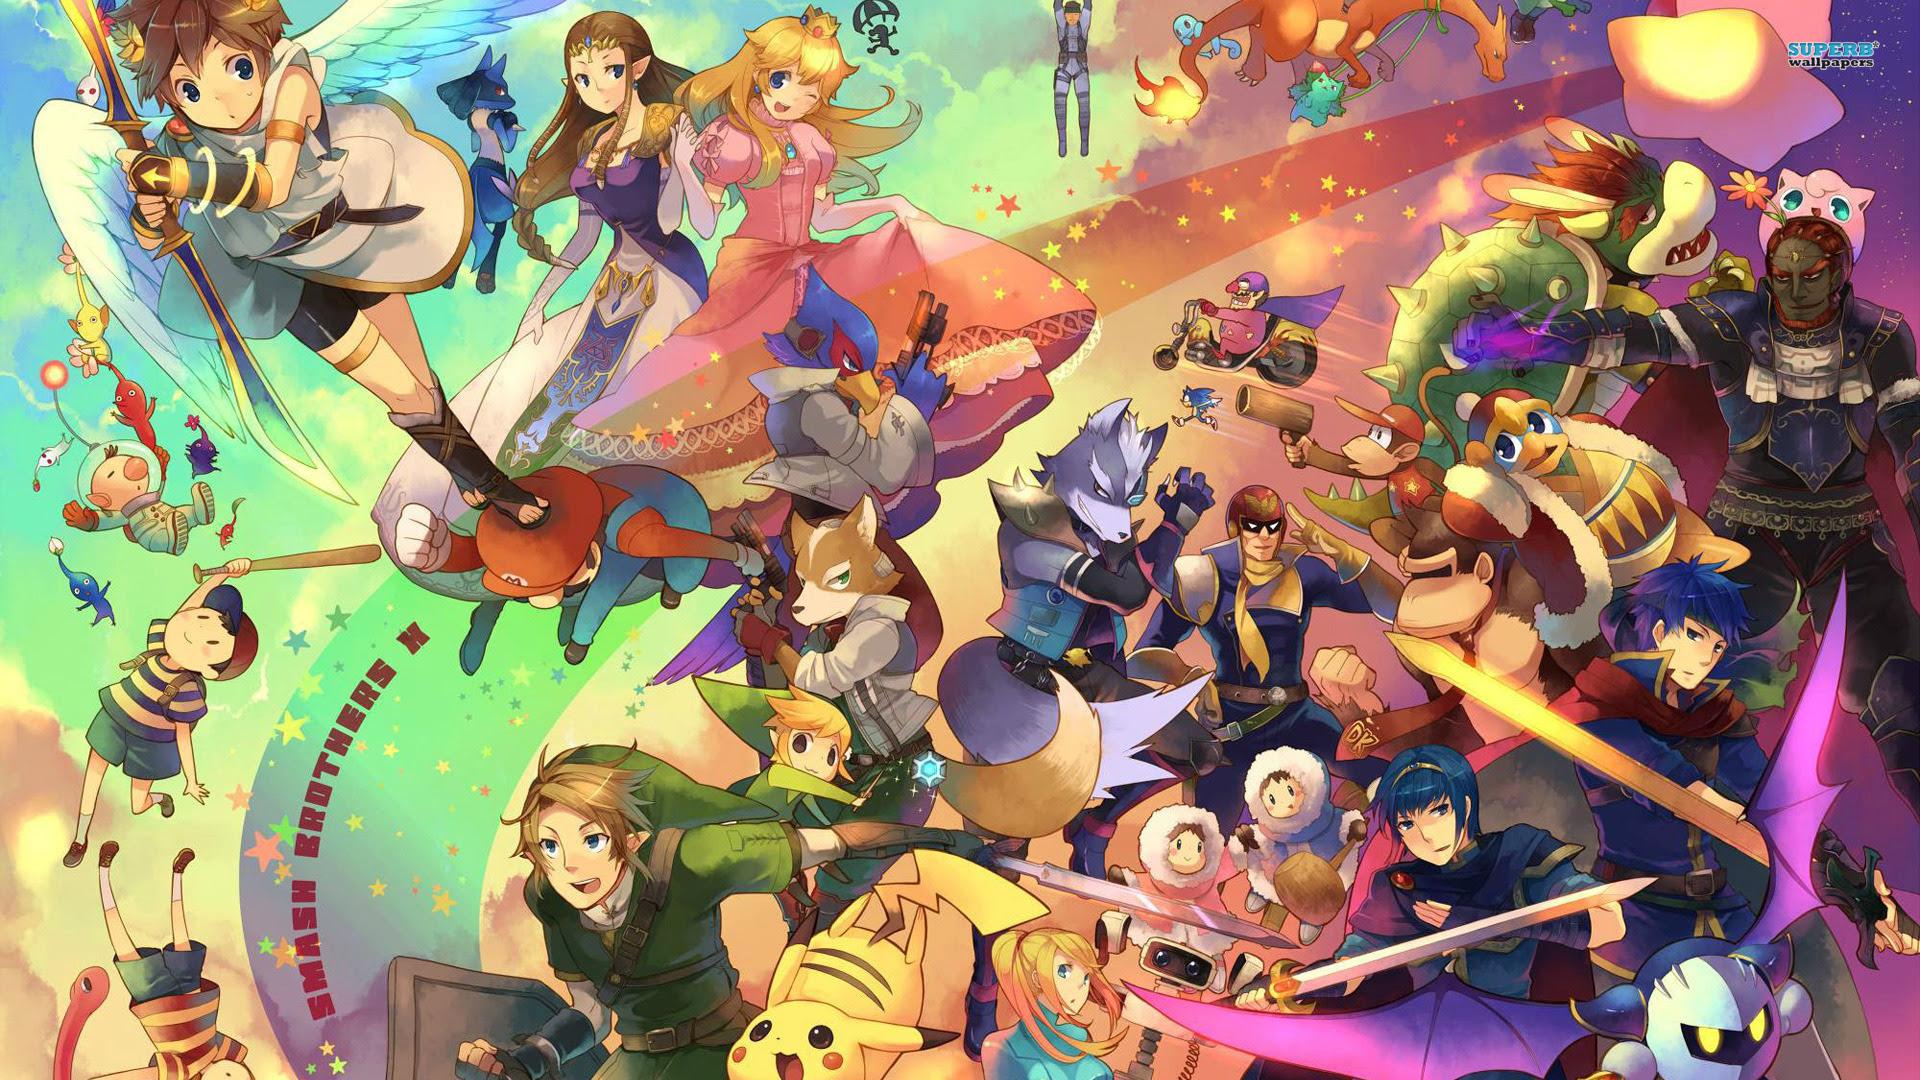 Super Smash Bros Wallpaper 1920x1080 52724